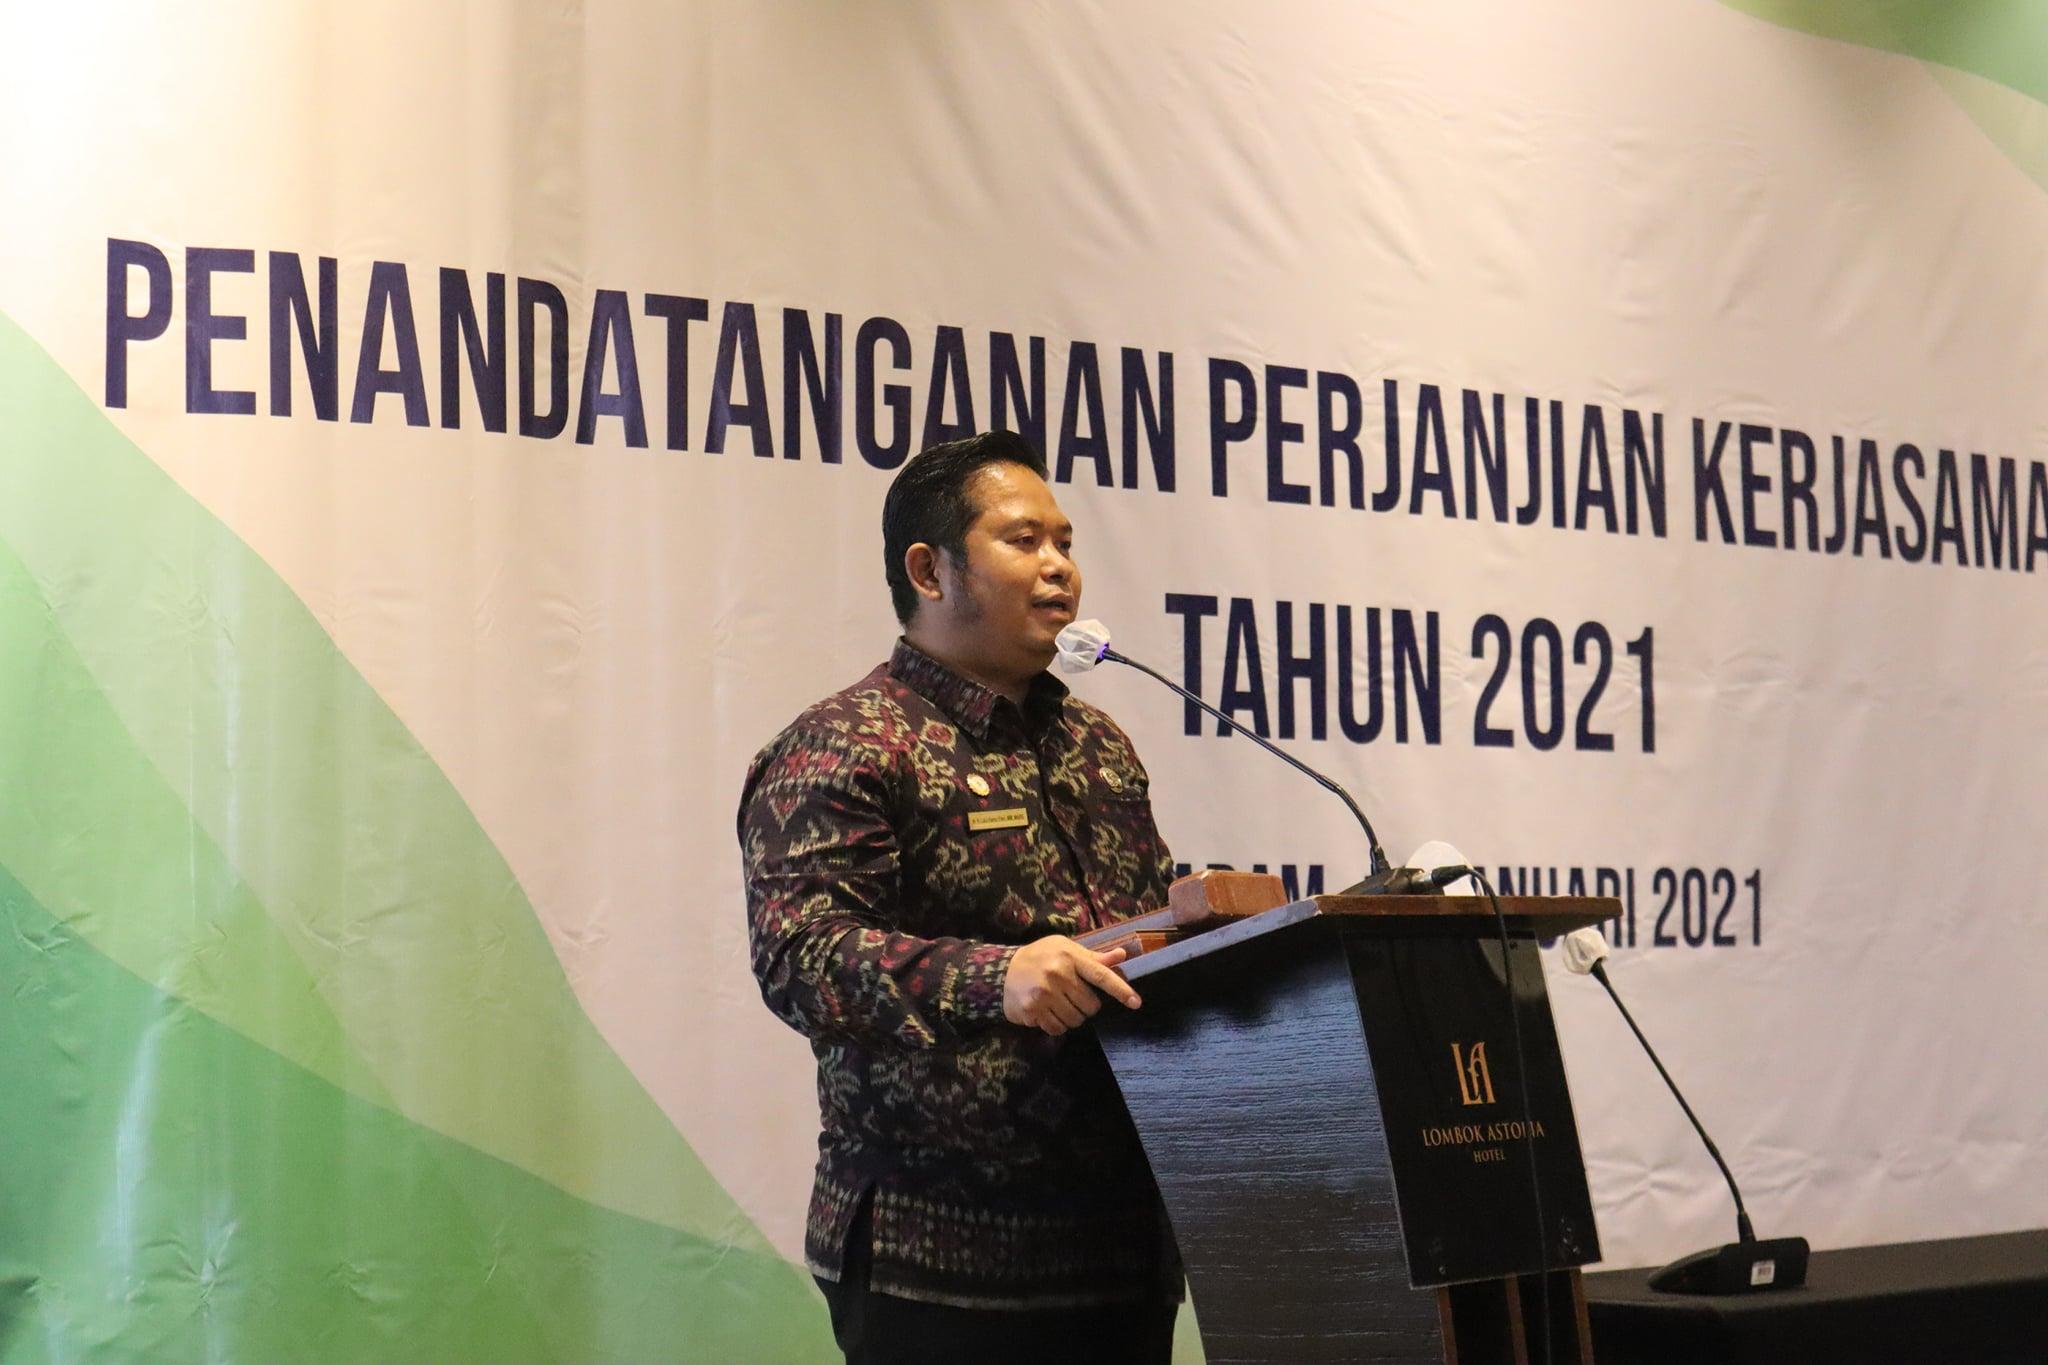 Penandatanganan Perjanjian Kerjasama (PKS) Antara BPJS Kesehatan Cabang Mataram dengan Fasilitas Kesehatan Rujukan Tingkat Lanjut Provider Tahun 2021